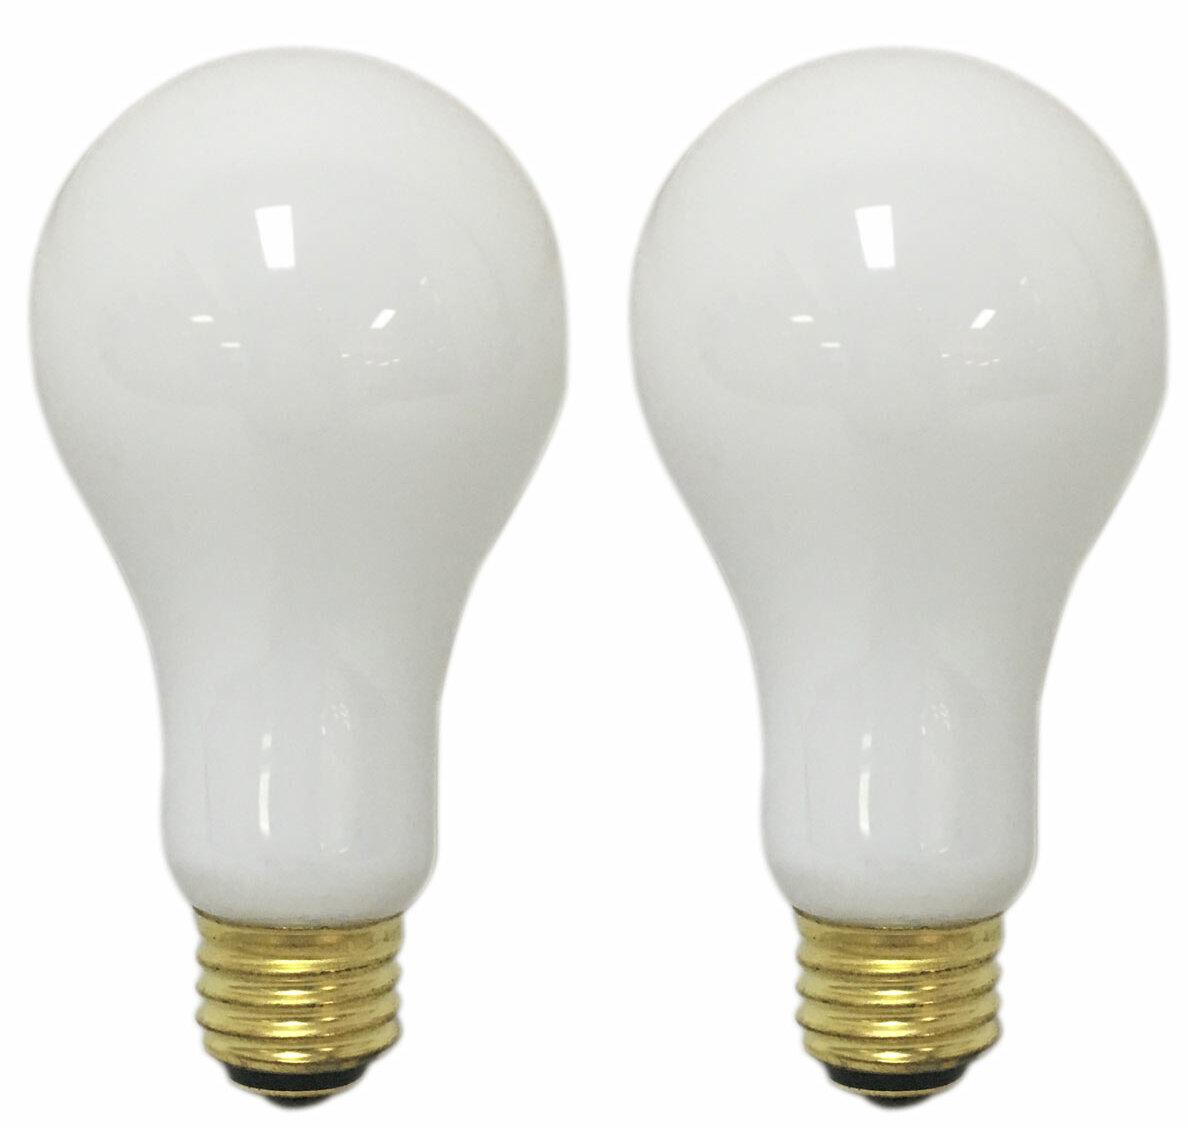 150 Watt A19 Incandescent Non Dimmable Light Bulb E26 Medium Standard Base